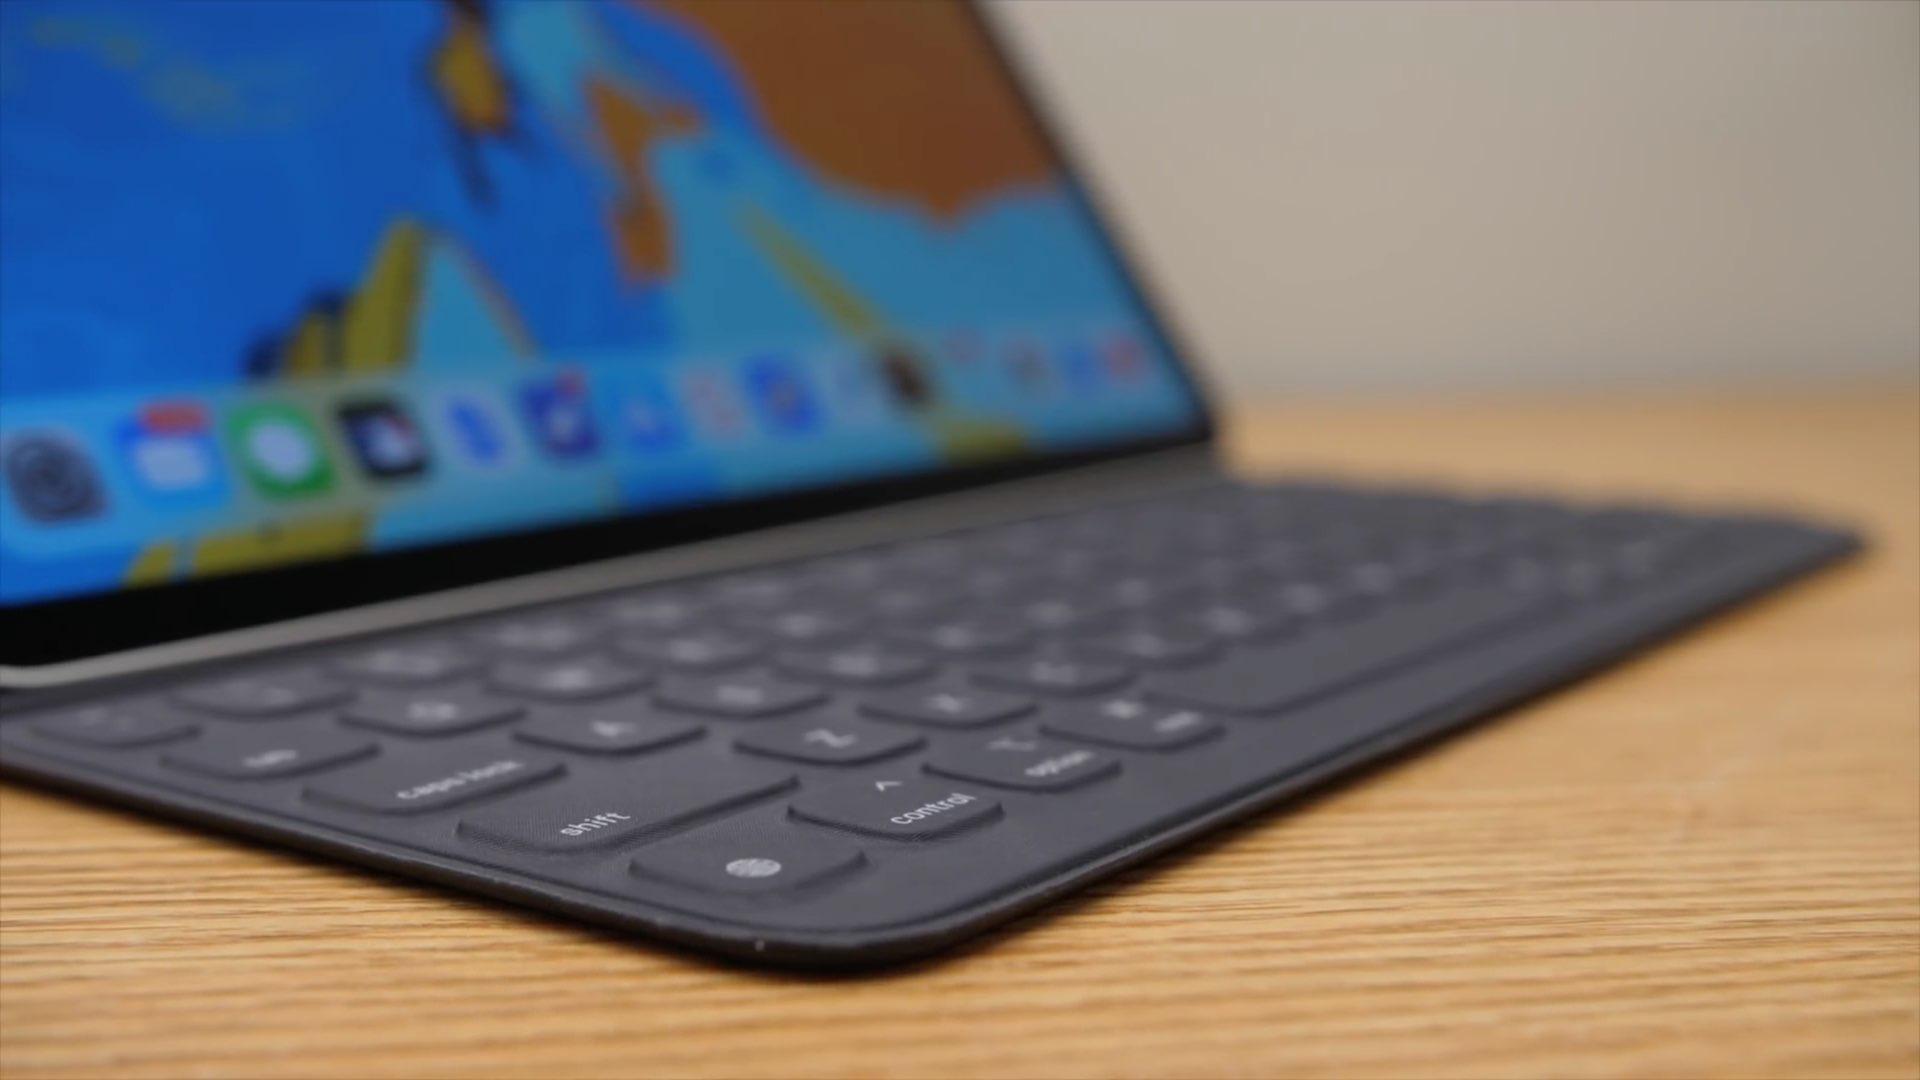 iPad keyboard modifier keys